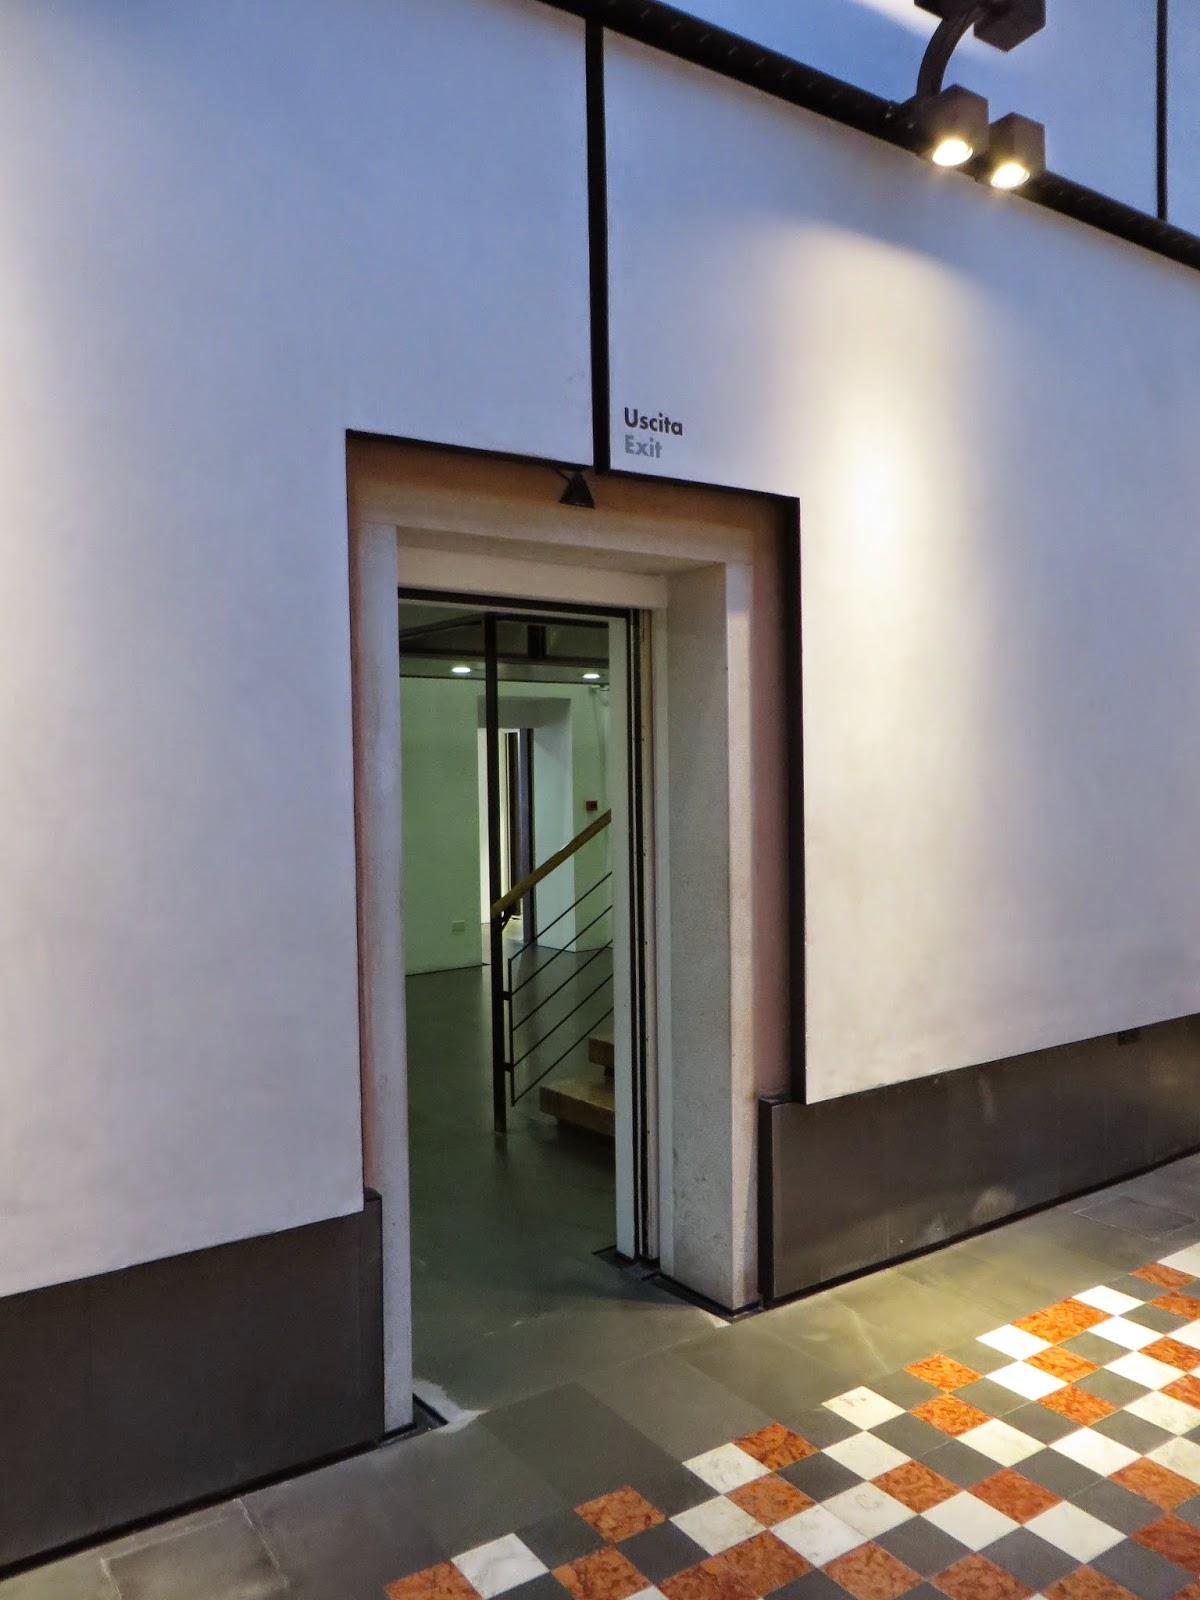 Entrevoir fondazione querini stampalia for Architecte italien contemporain